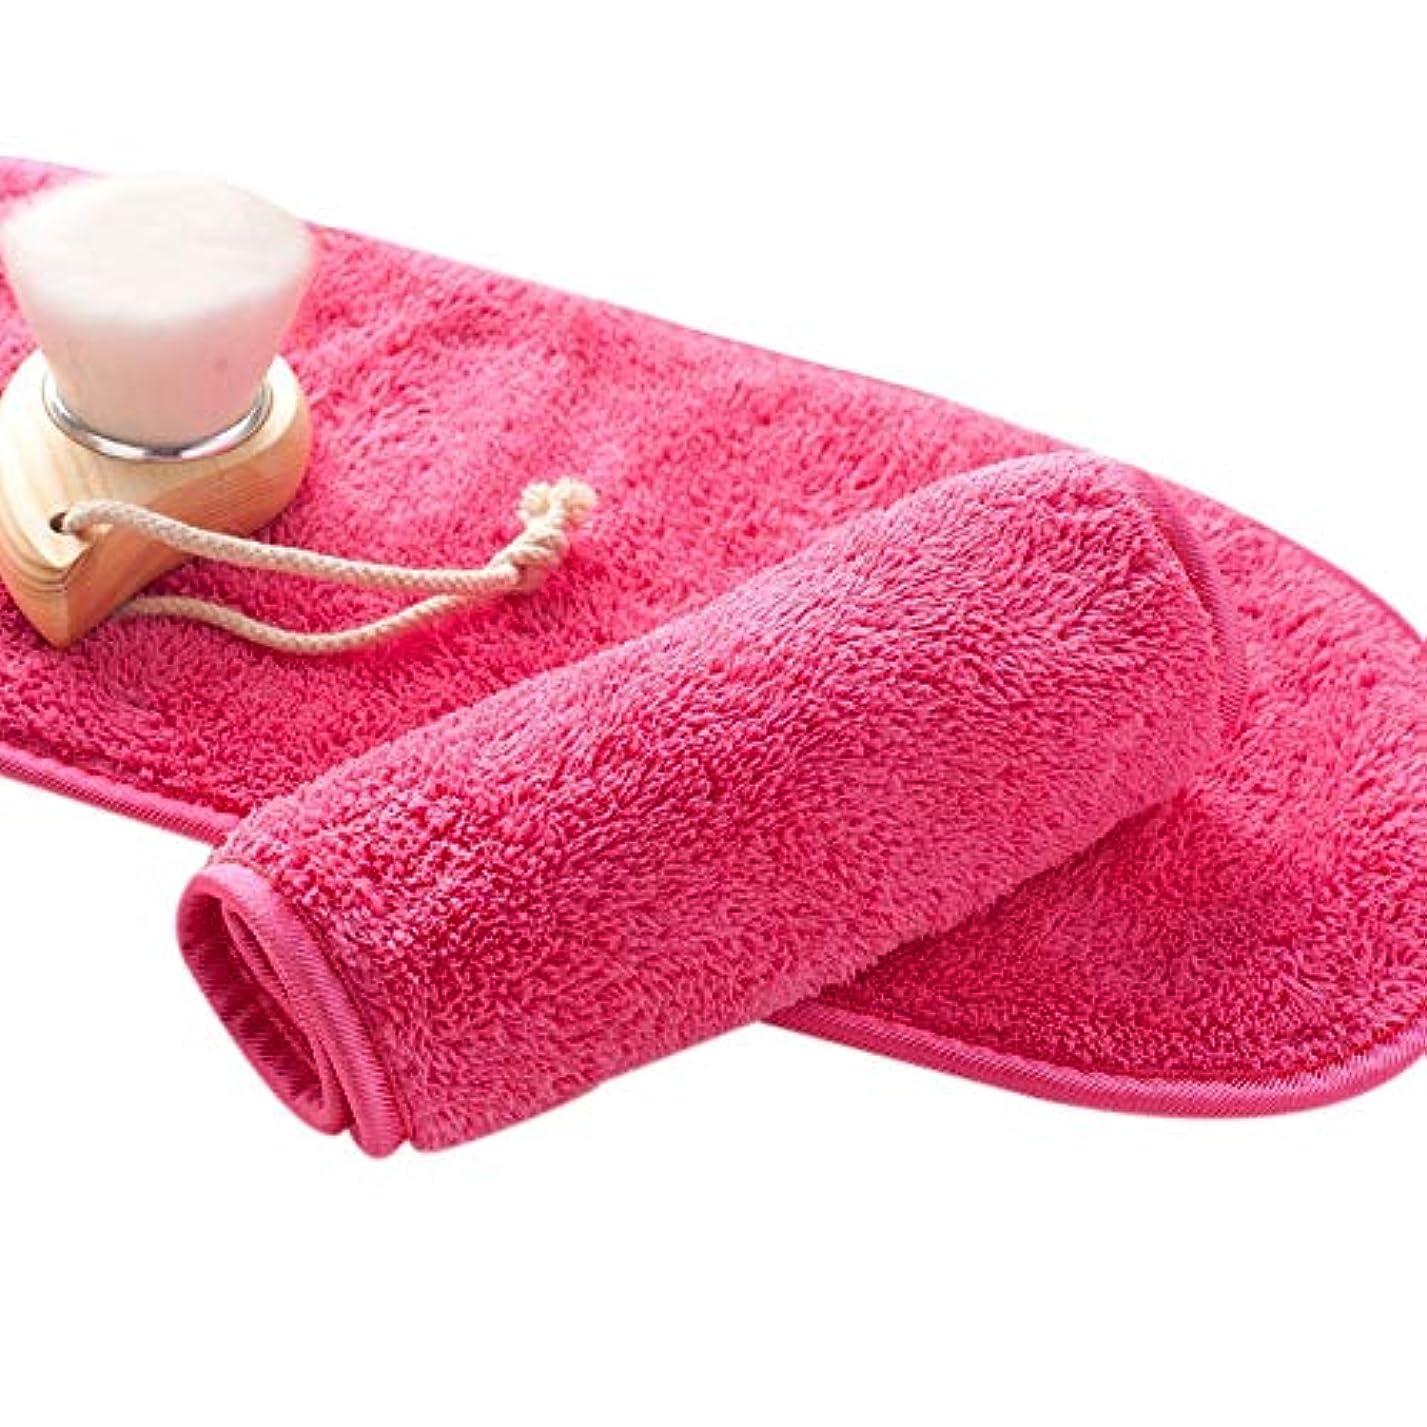 TOOGOO ナチュラル抗菌保護 メイク落とし クレンジング美容ウォッシュツール 再利用可能なマイクロファイバーのフェイシャルクロス 顔用タオル